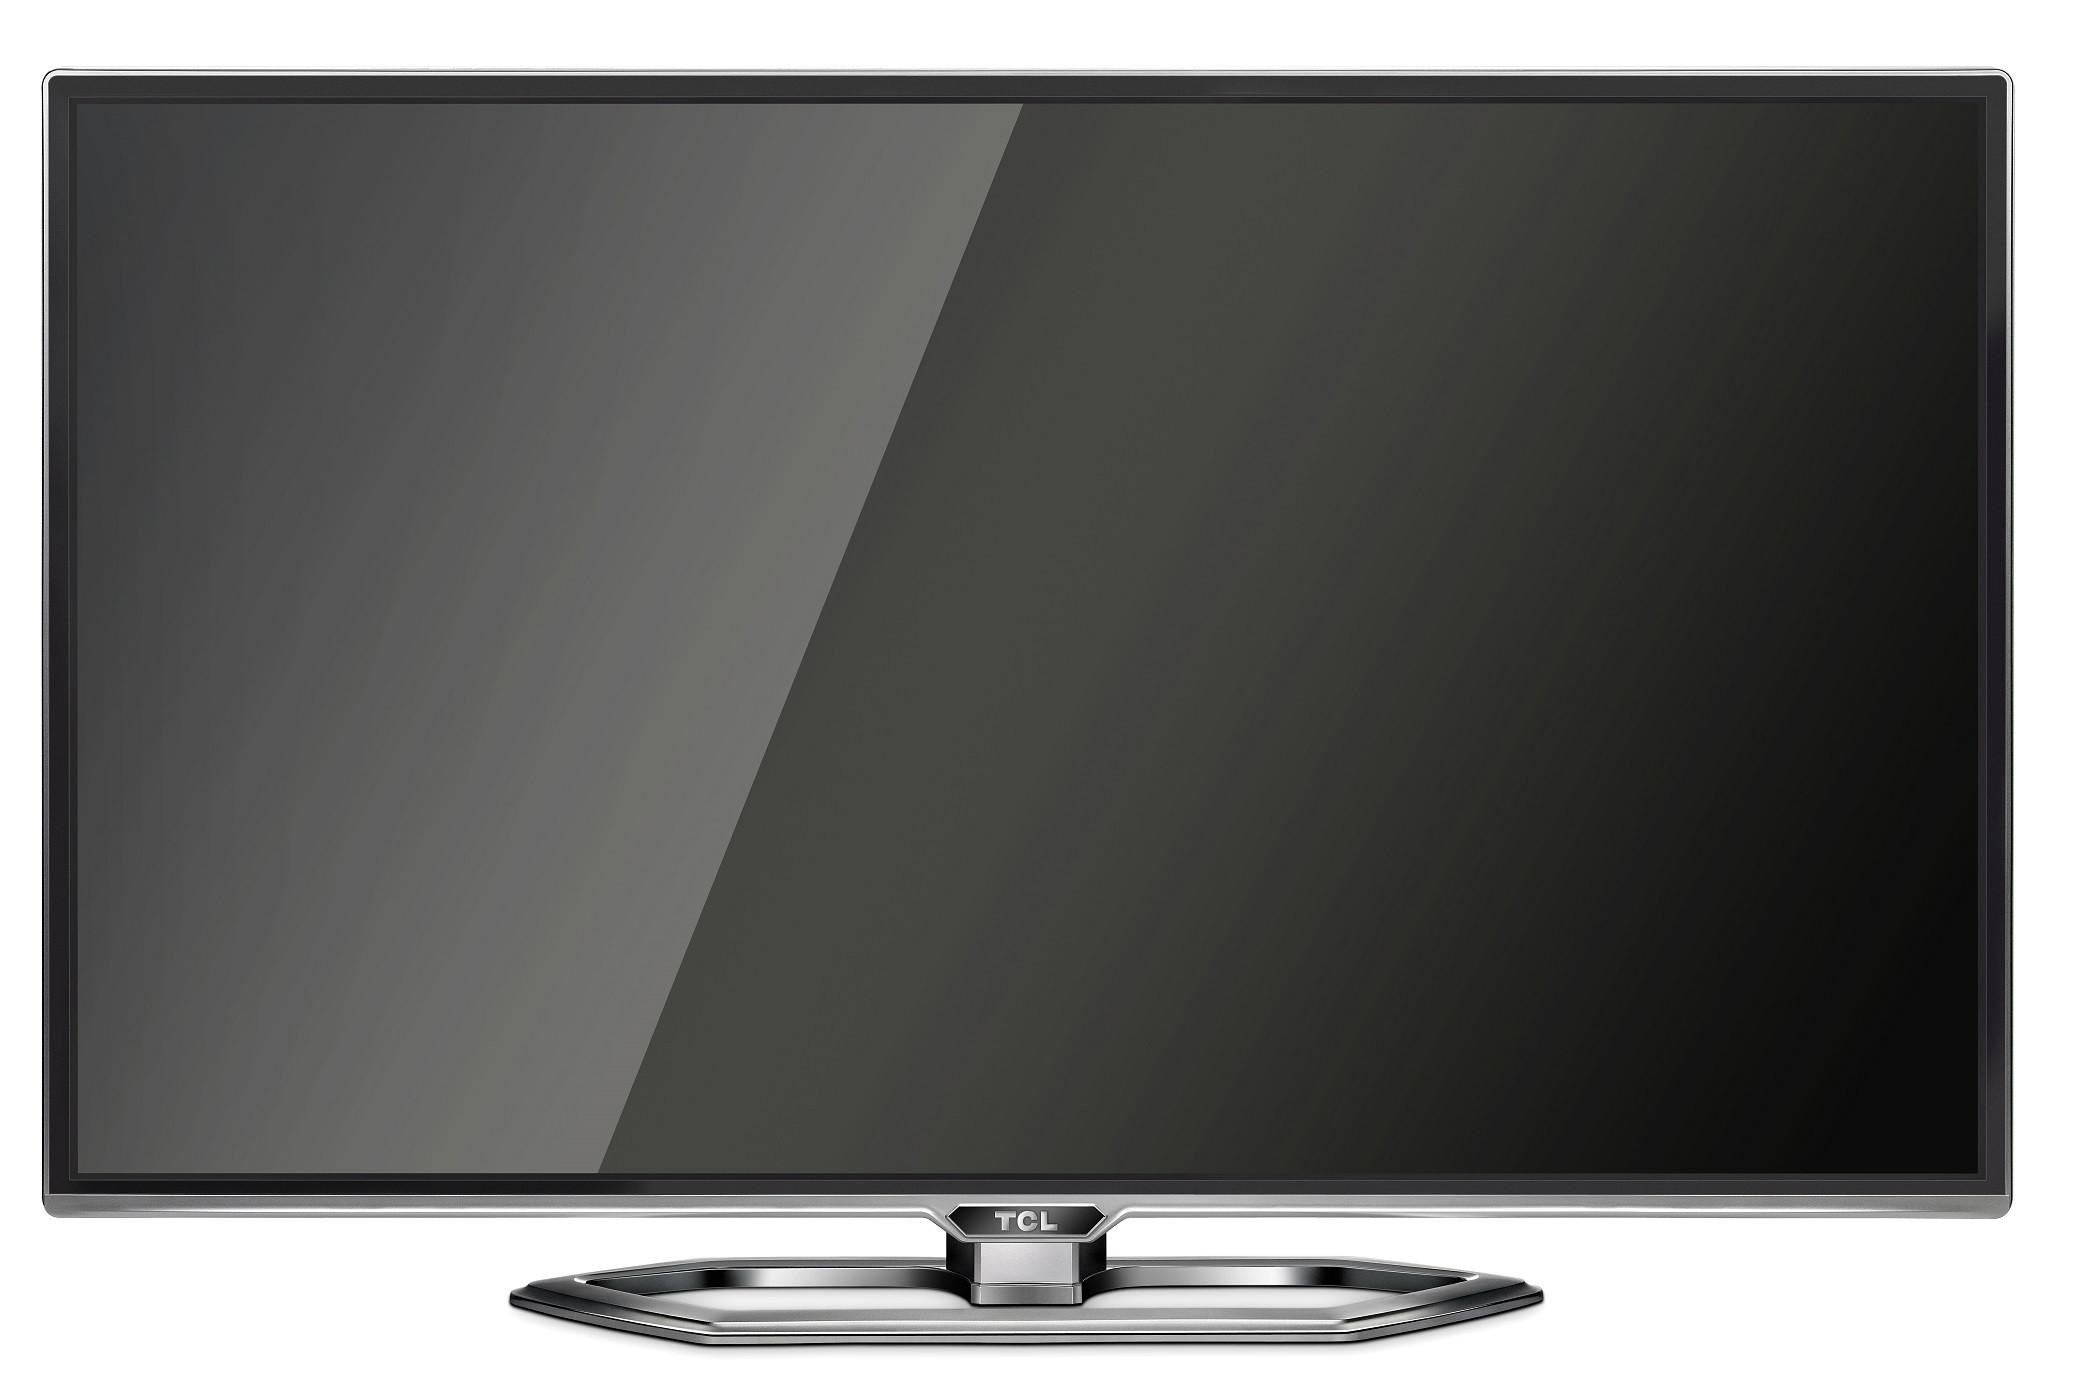 王牌32英寸720pled液晶电视ips(硬屏) 电视机